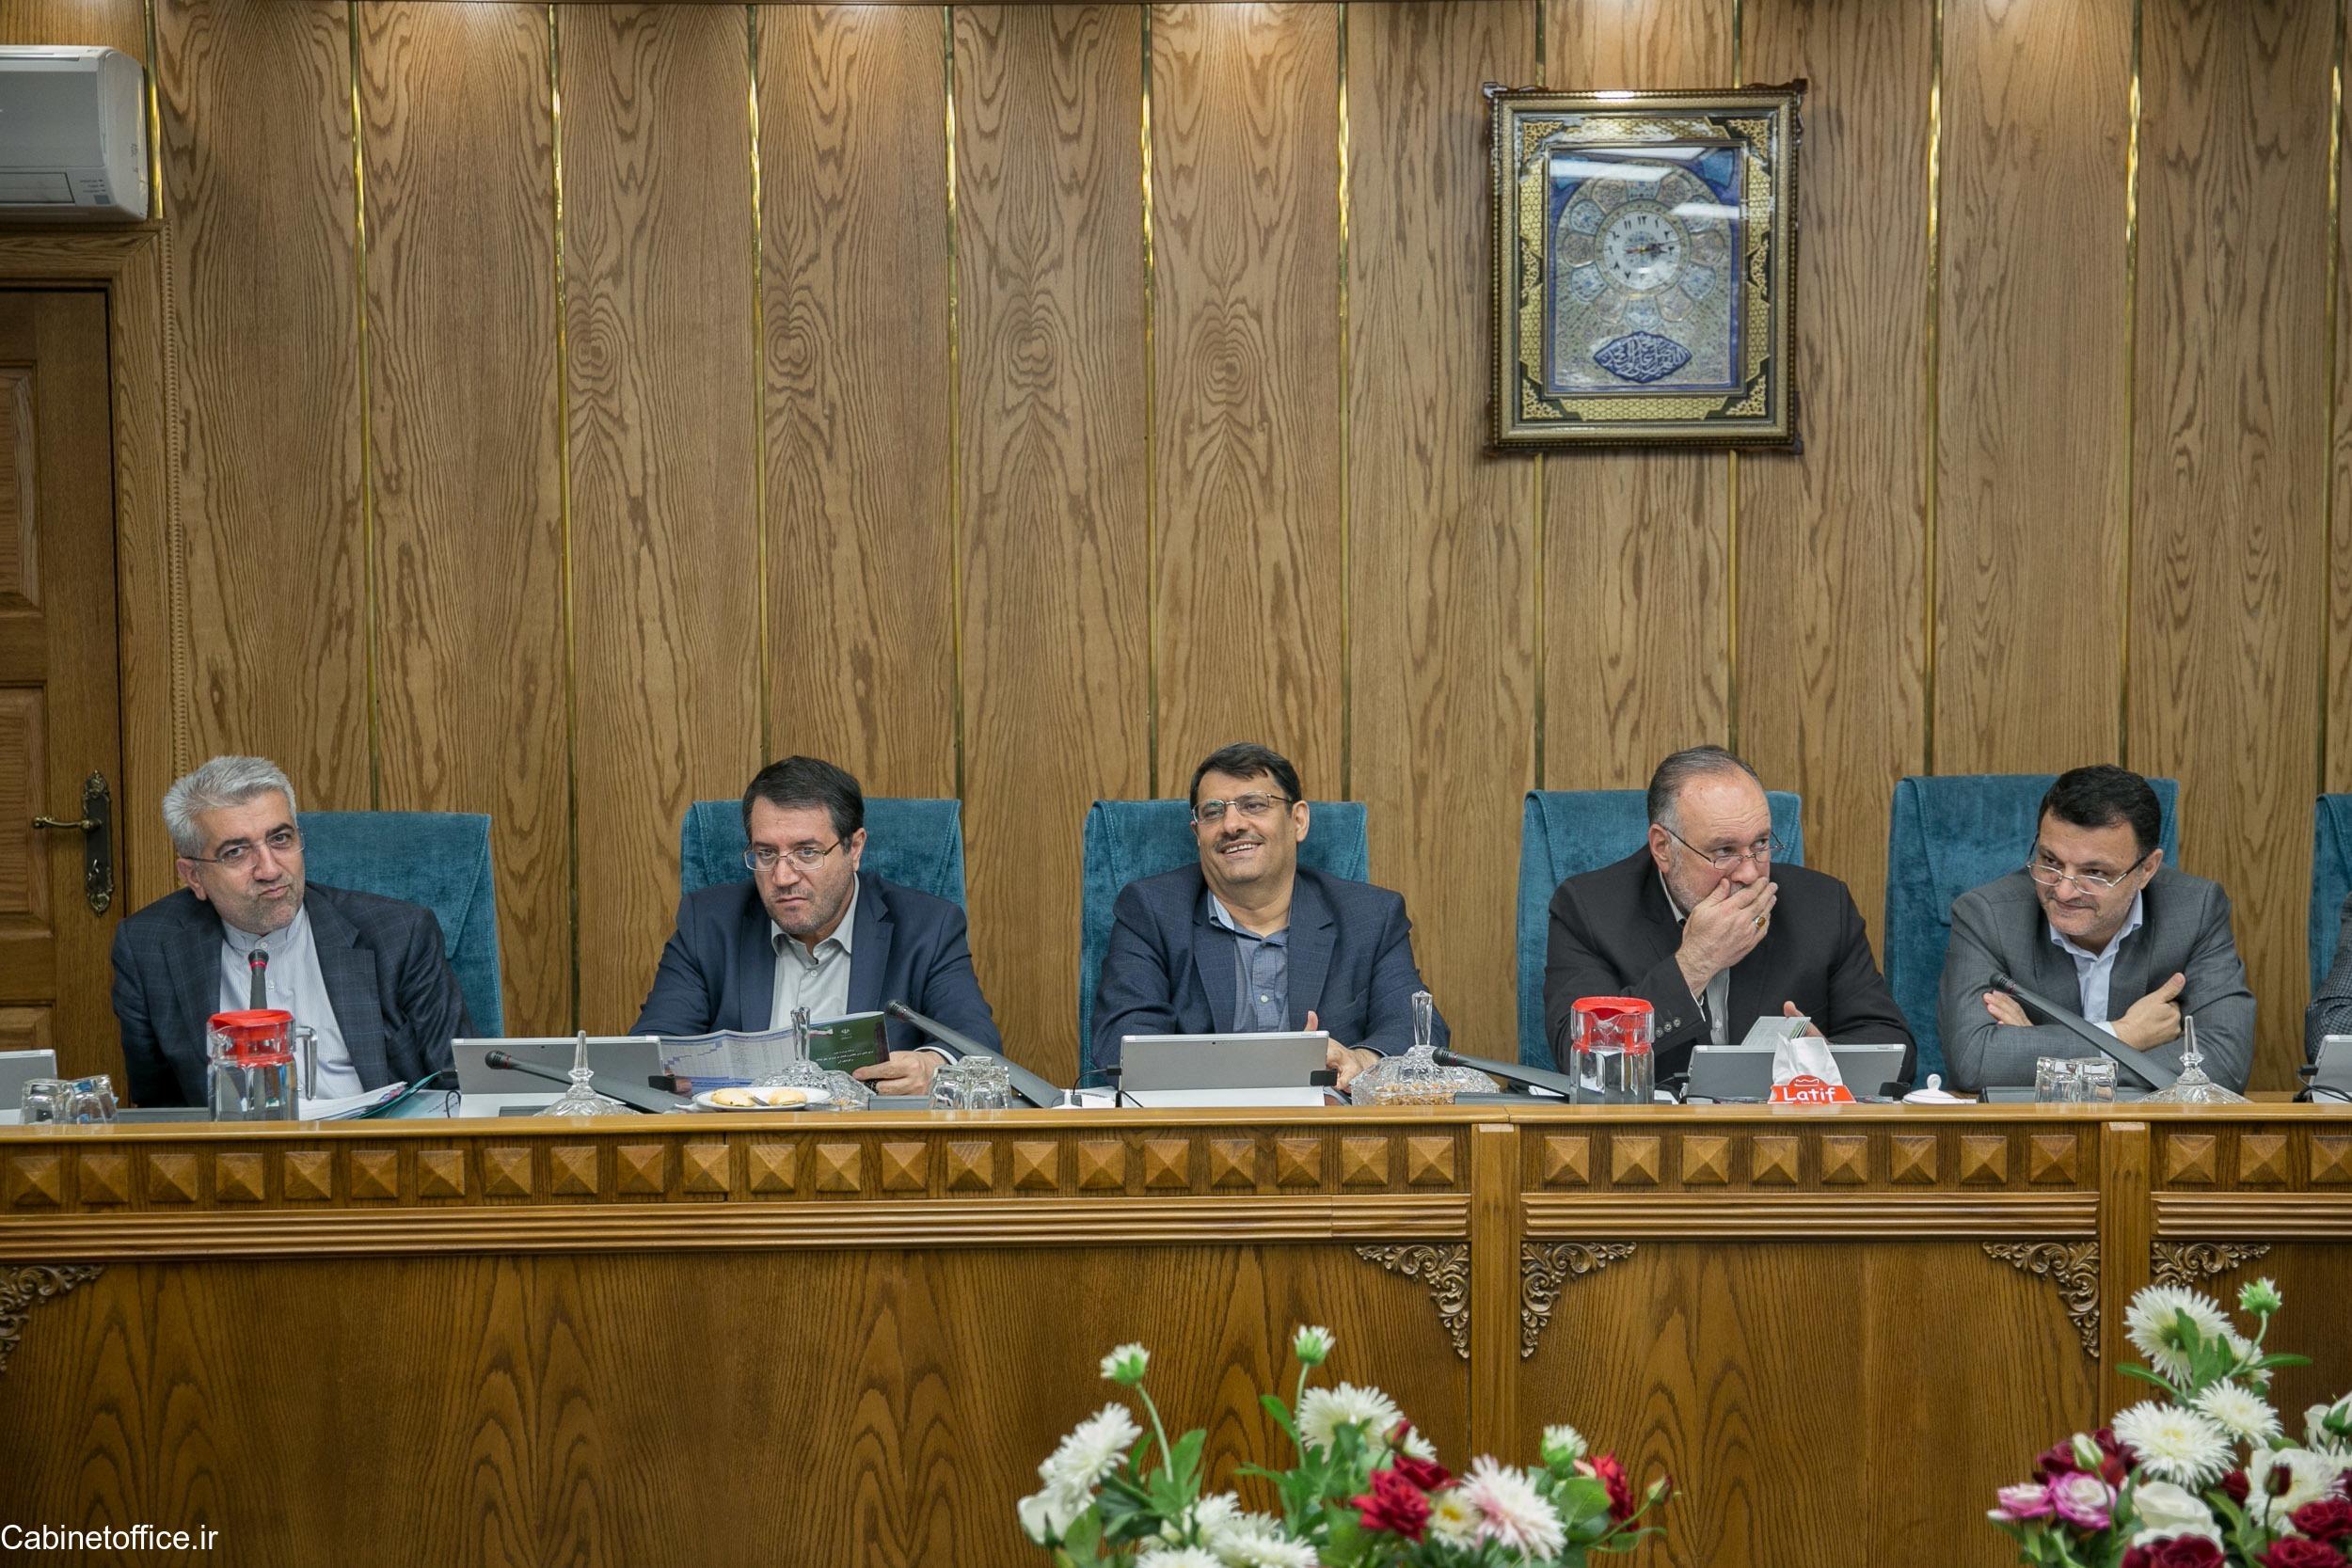 تشکیل جلسه اصلی کمیسیون امور زیربنایی، صنعت و محیط زیست در تاریخ 27 آبان ماه 1397